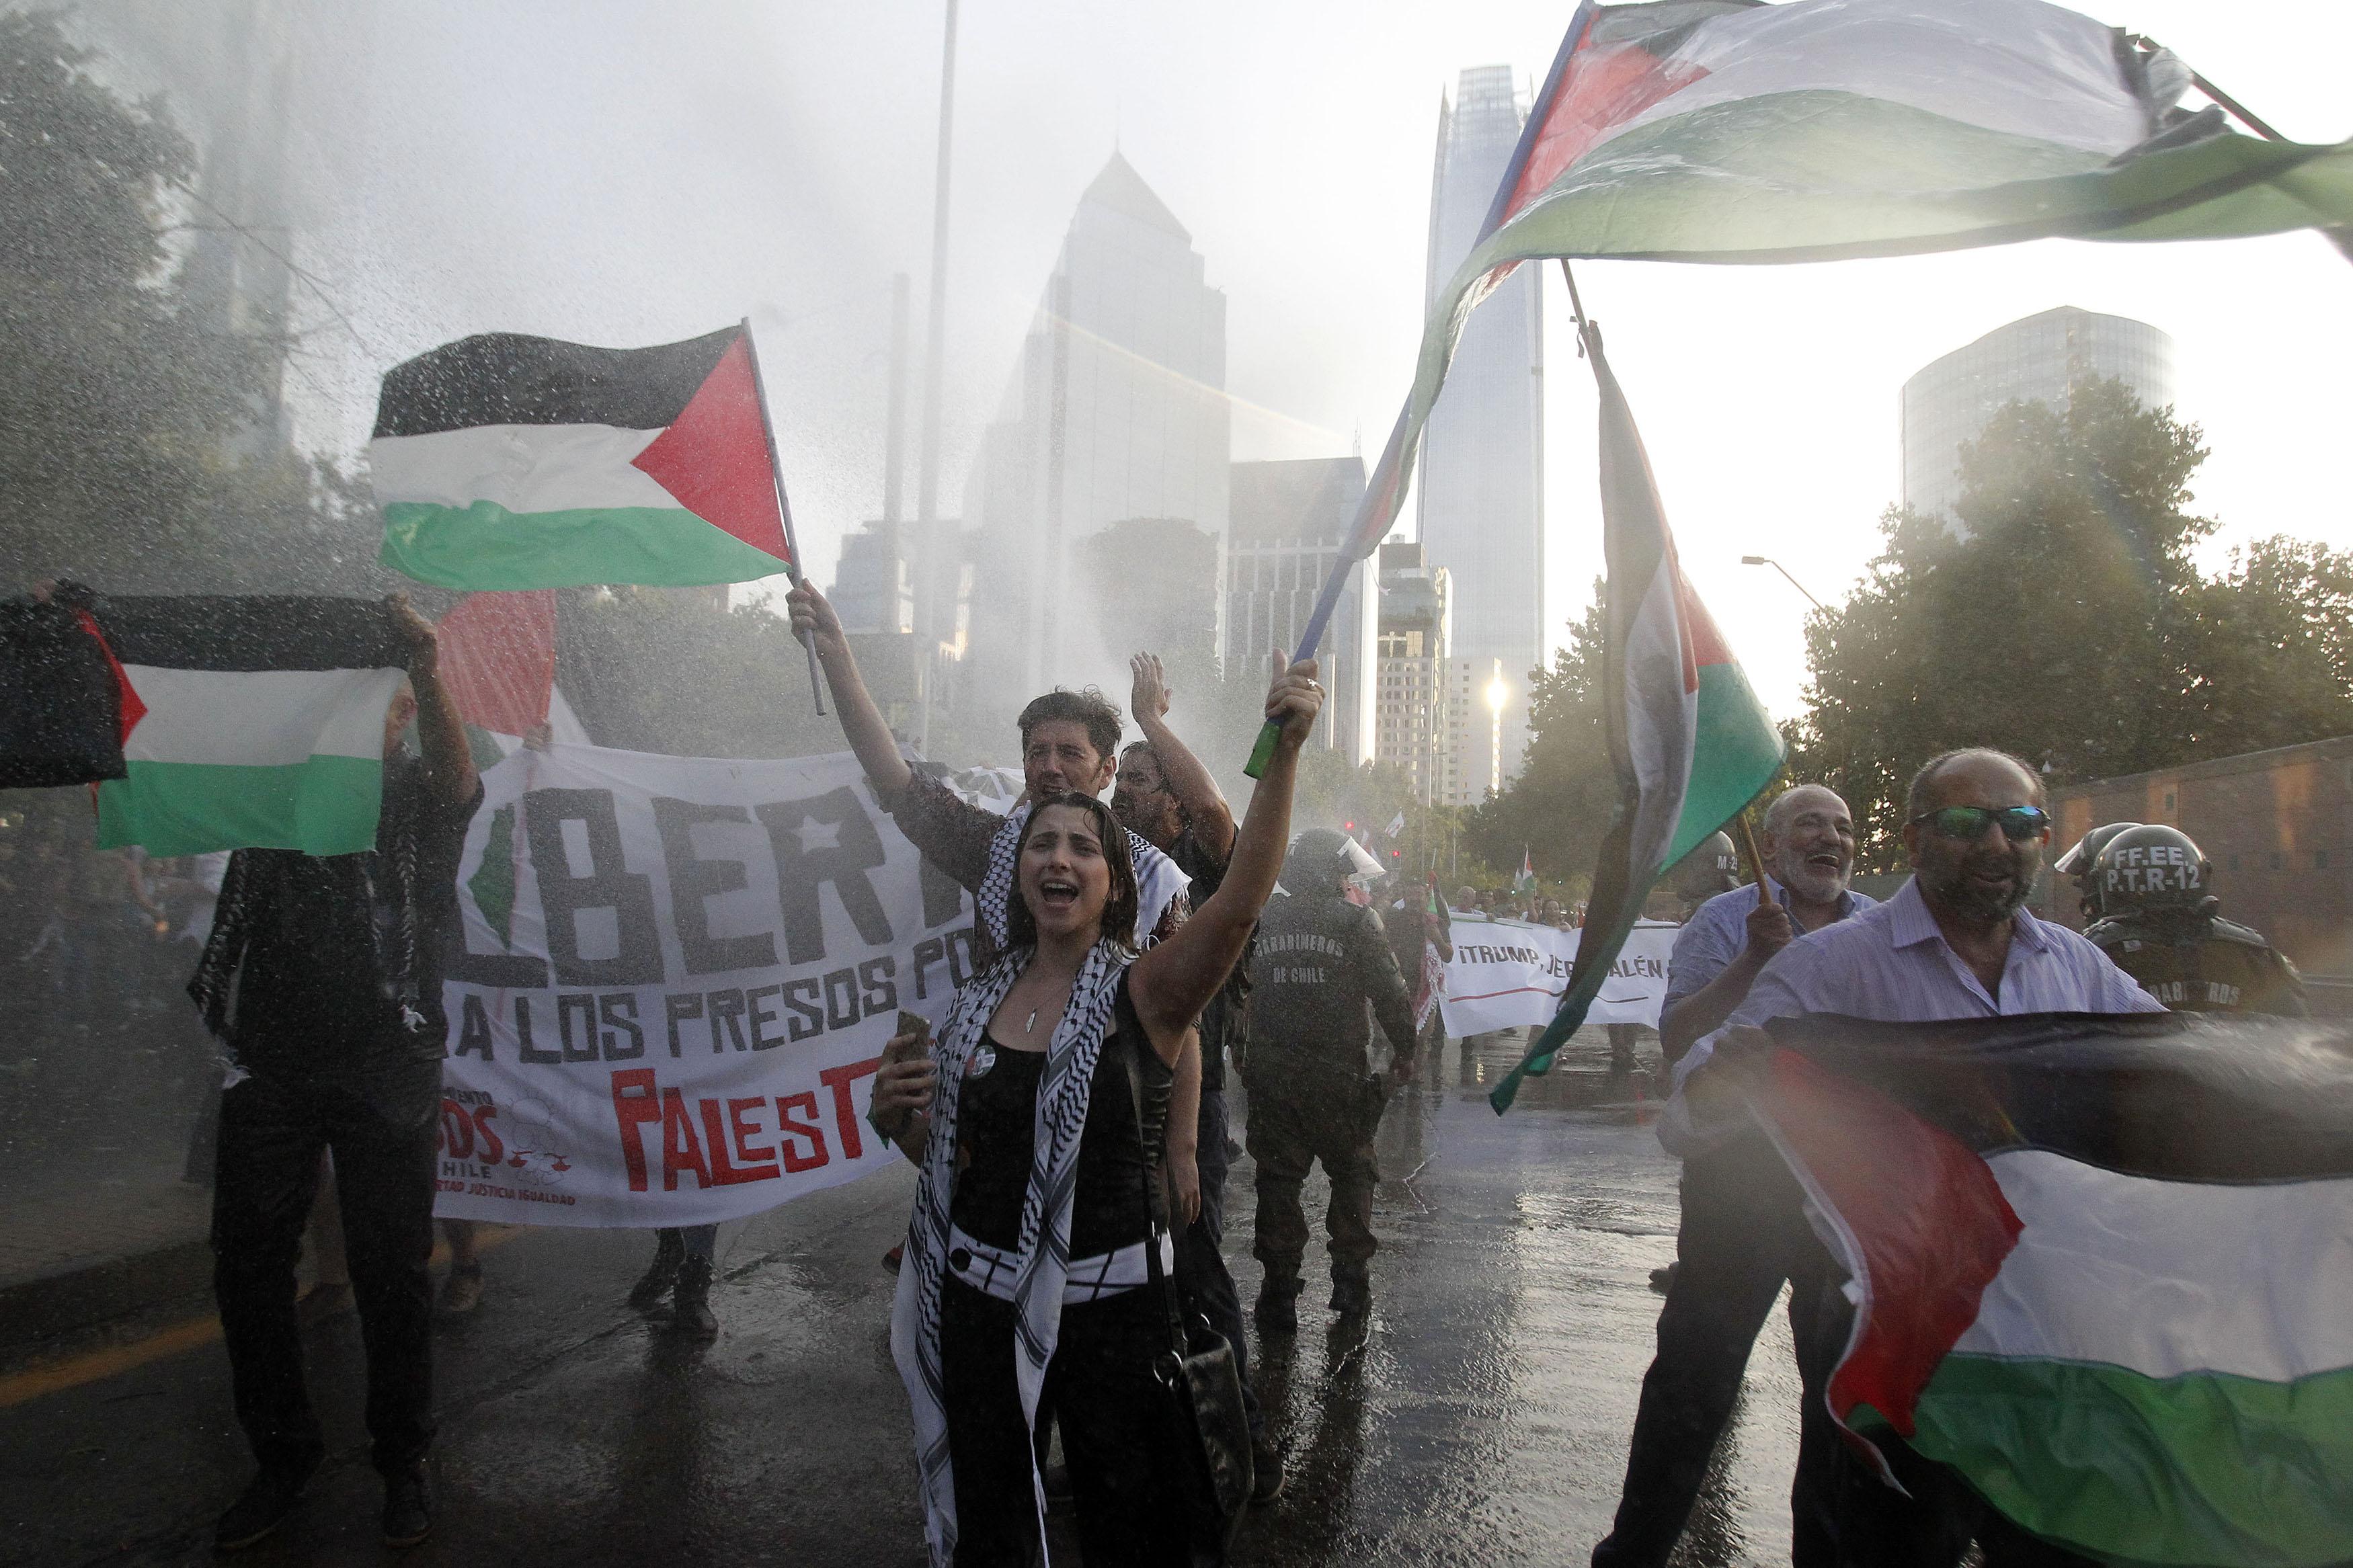 Unes 2.000 persones protesten a Xile per decisió dels EUA sobre Jerusalem. /CHRISTIAN IGLESIAS